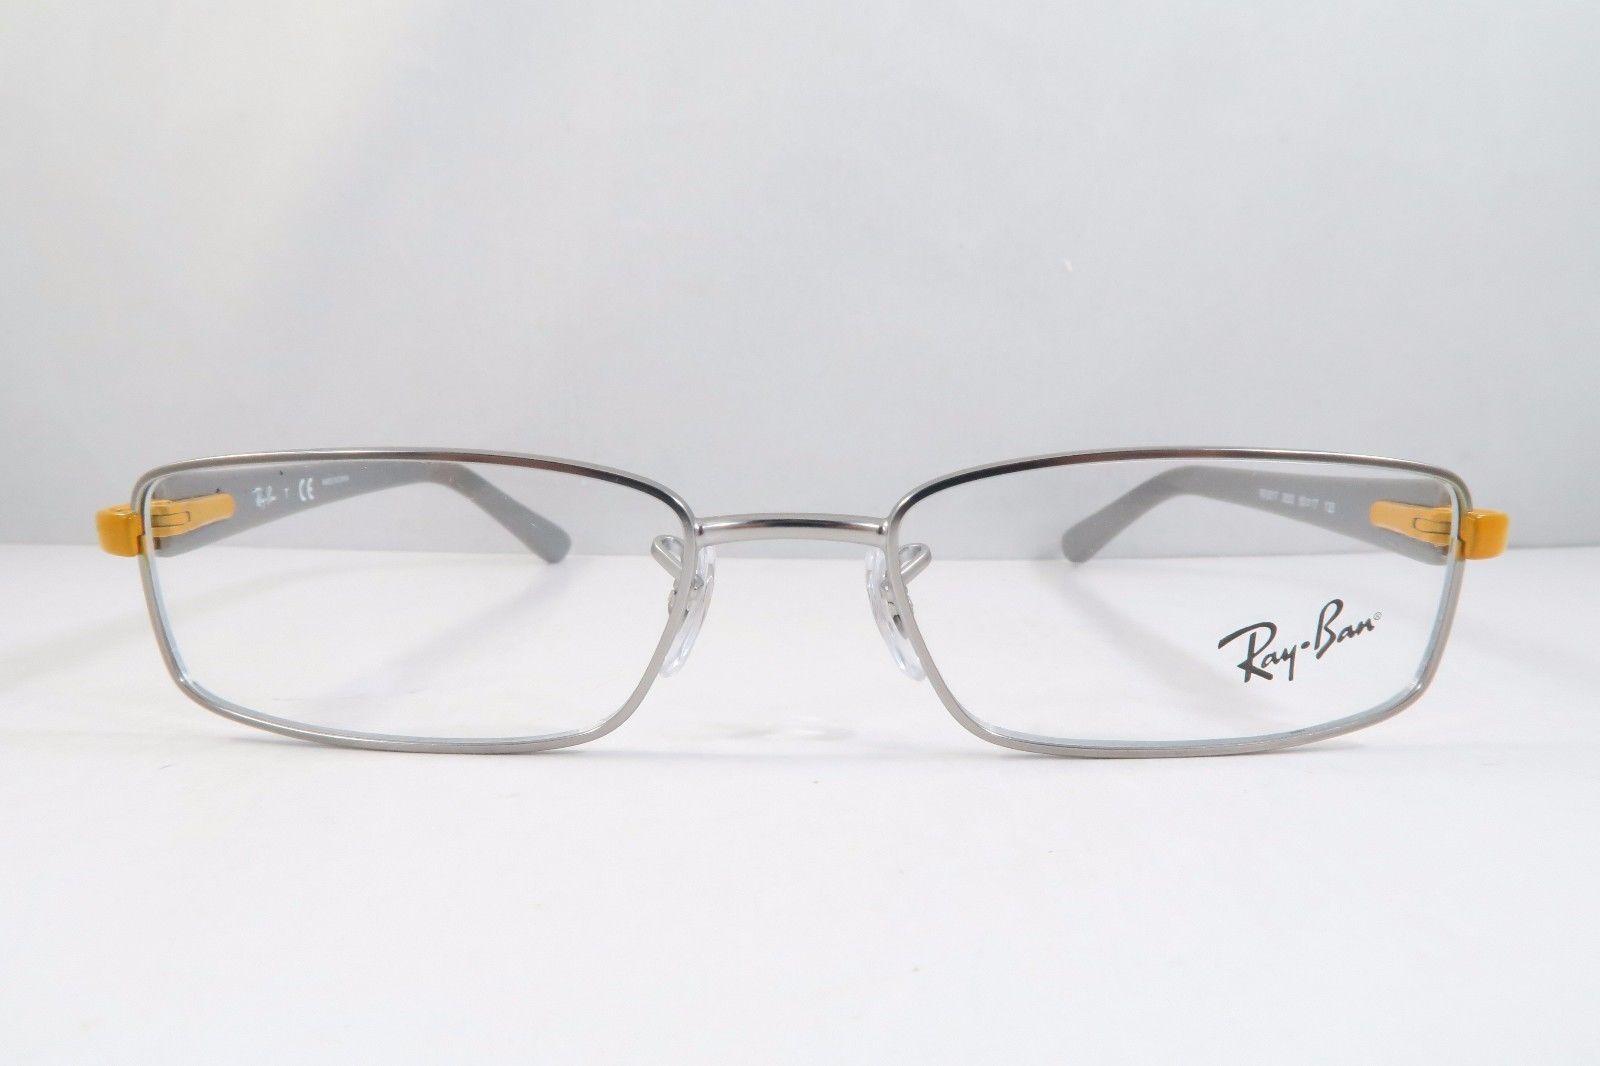 2baab5992ba Ray-Ban RB 6217 2620 Silver Grey Orange New and 50 similar items. 57